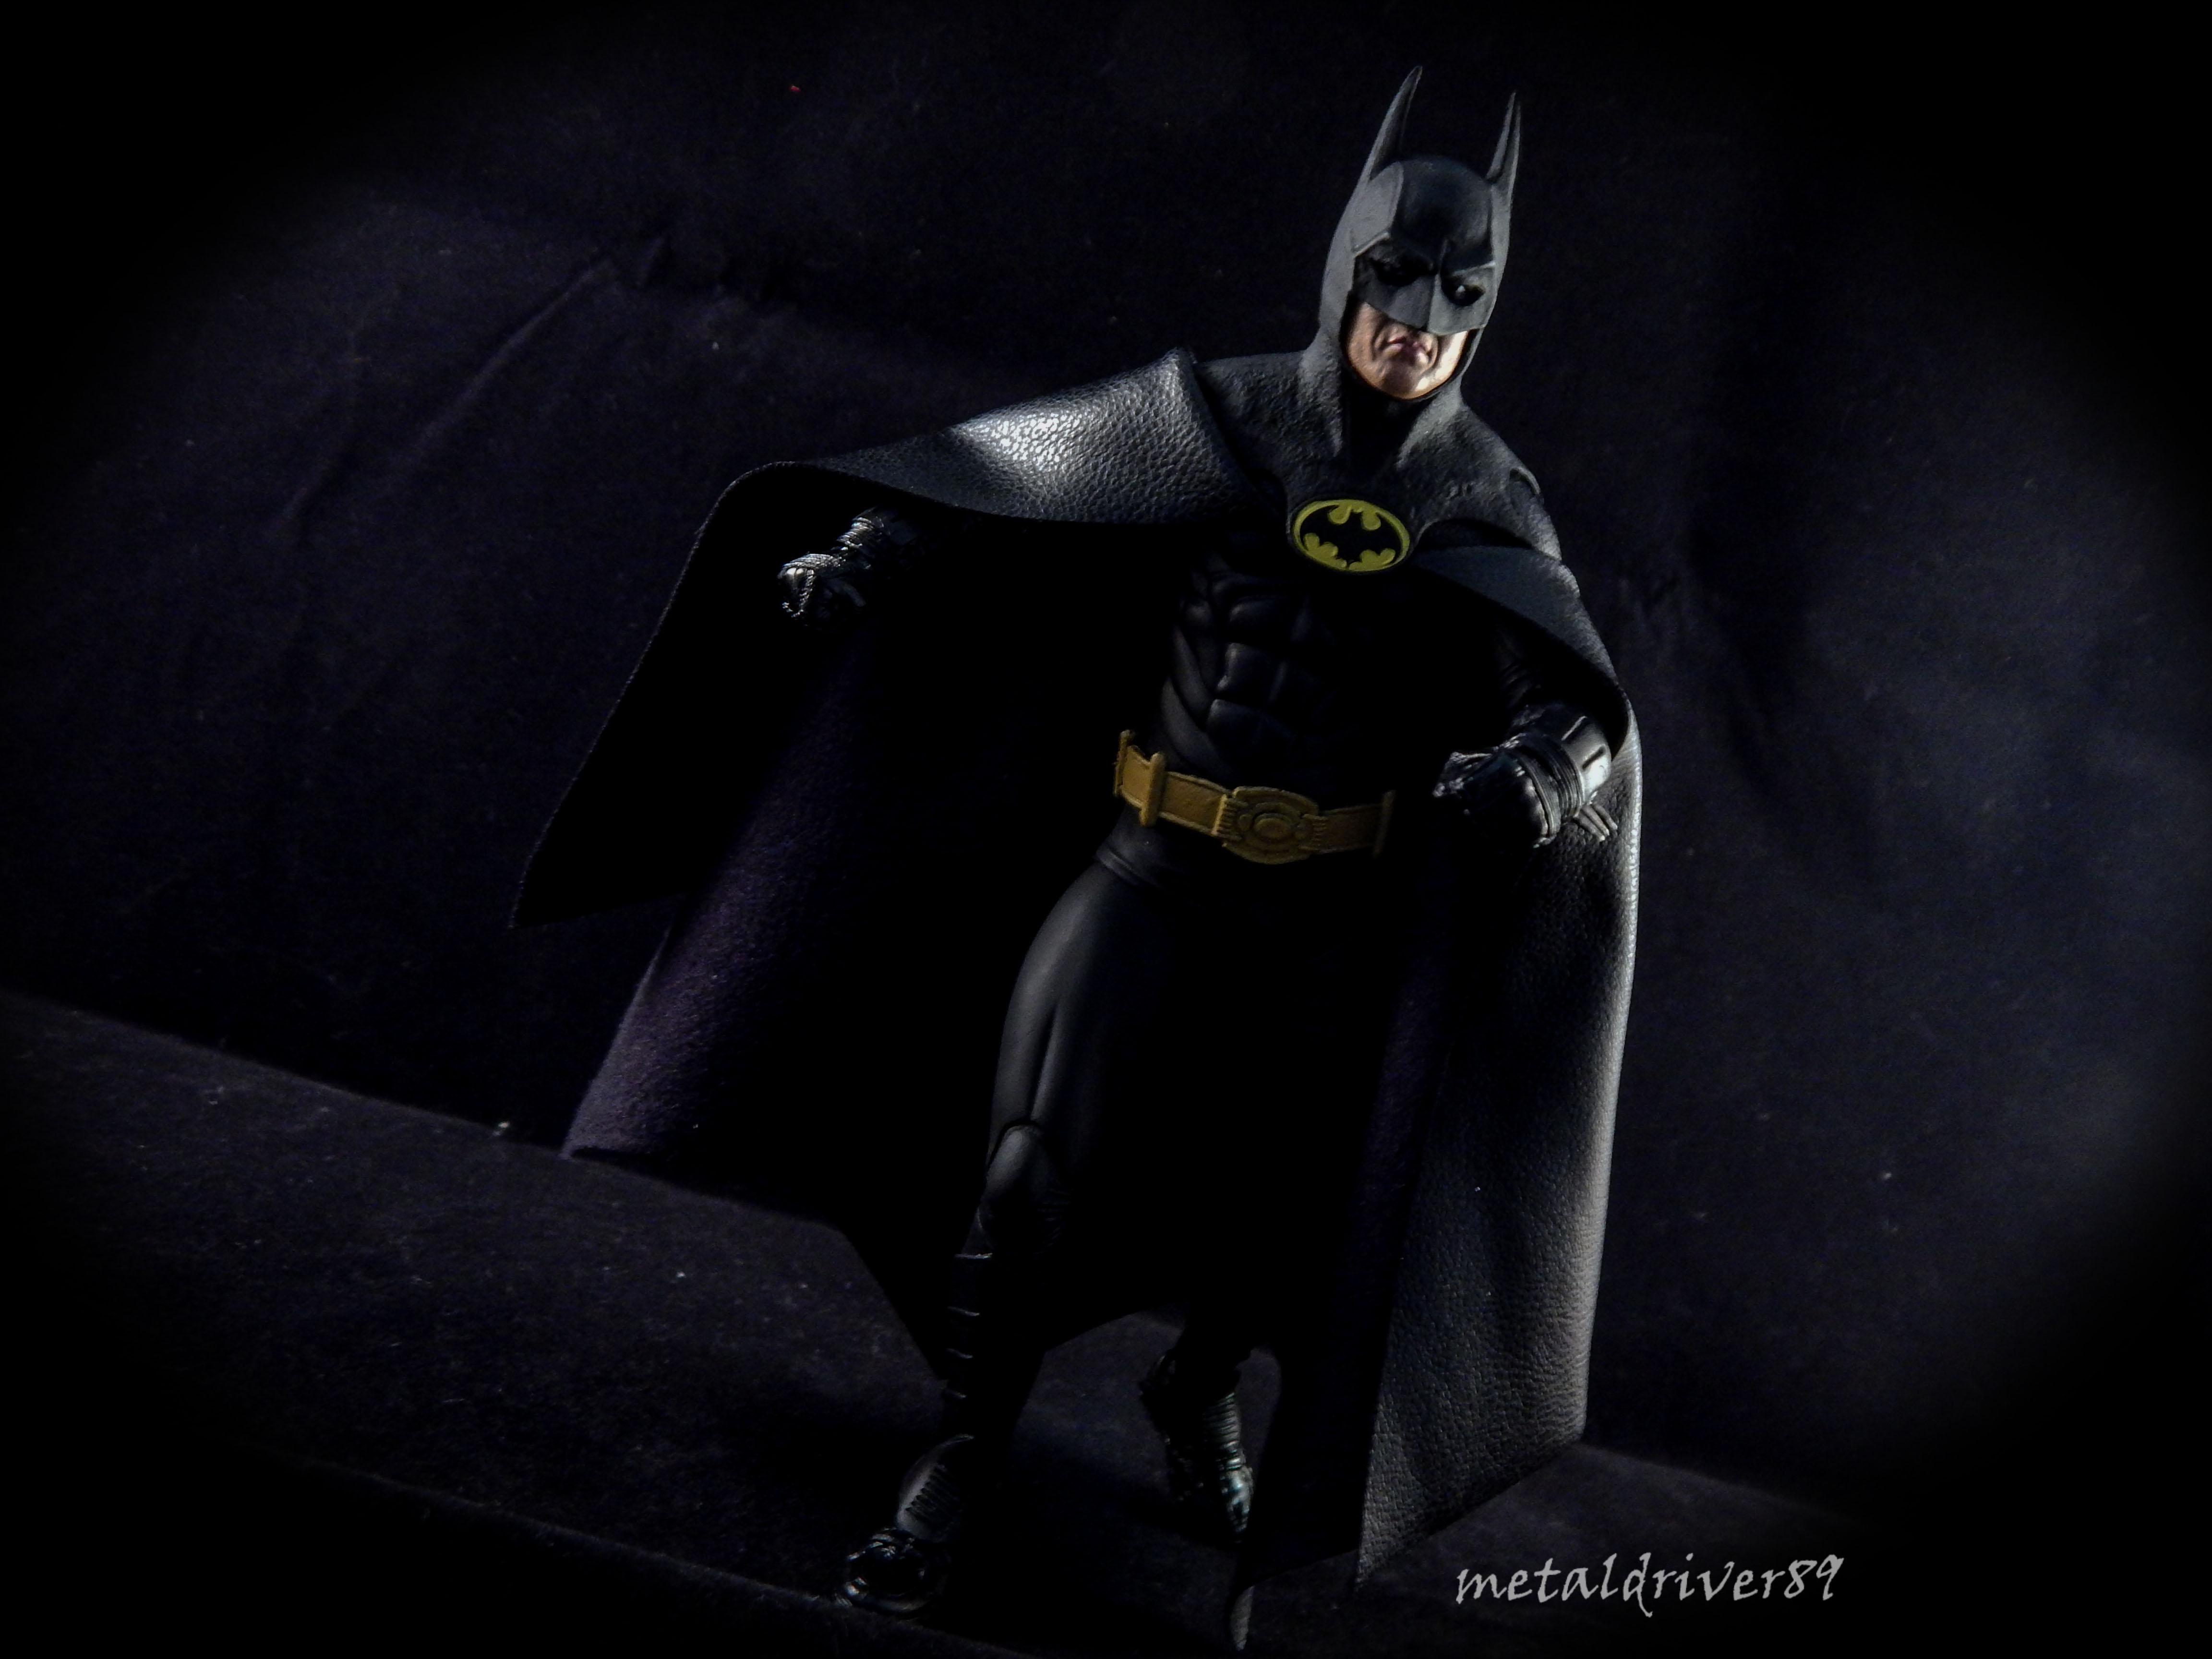 Wallpaper Black Photoshop Toys Batman Cape Comics